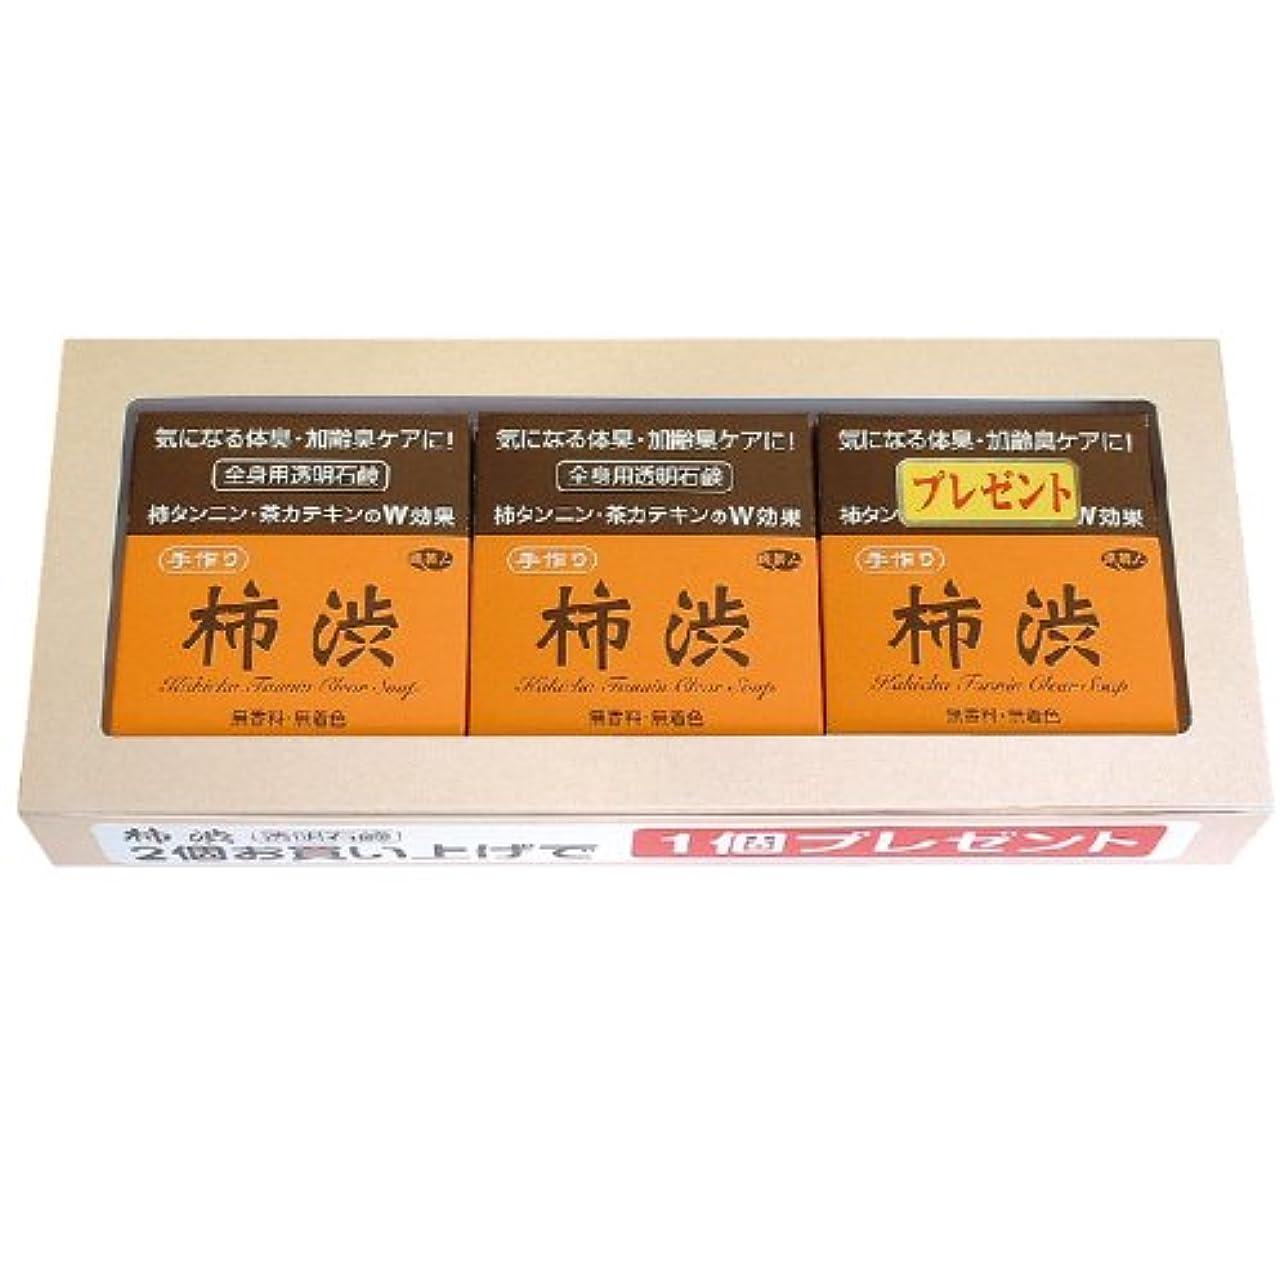 急降下絶望フィドルアズマ商事の 柿渋透明石鹸 2個の値段で3個入りセット